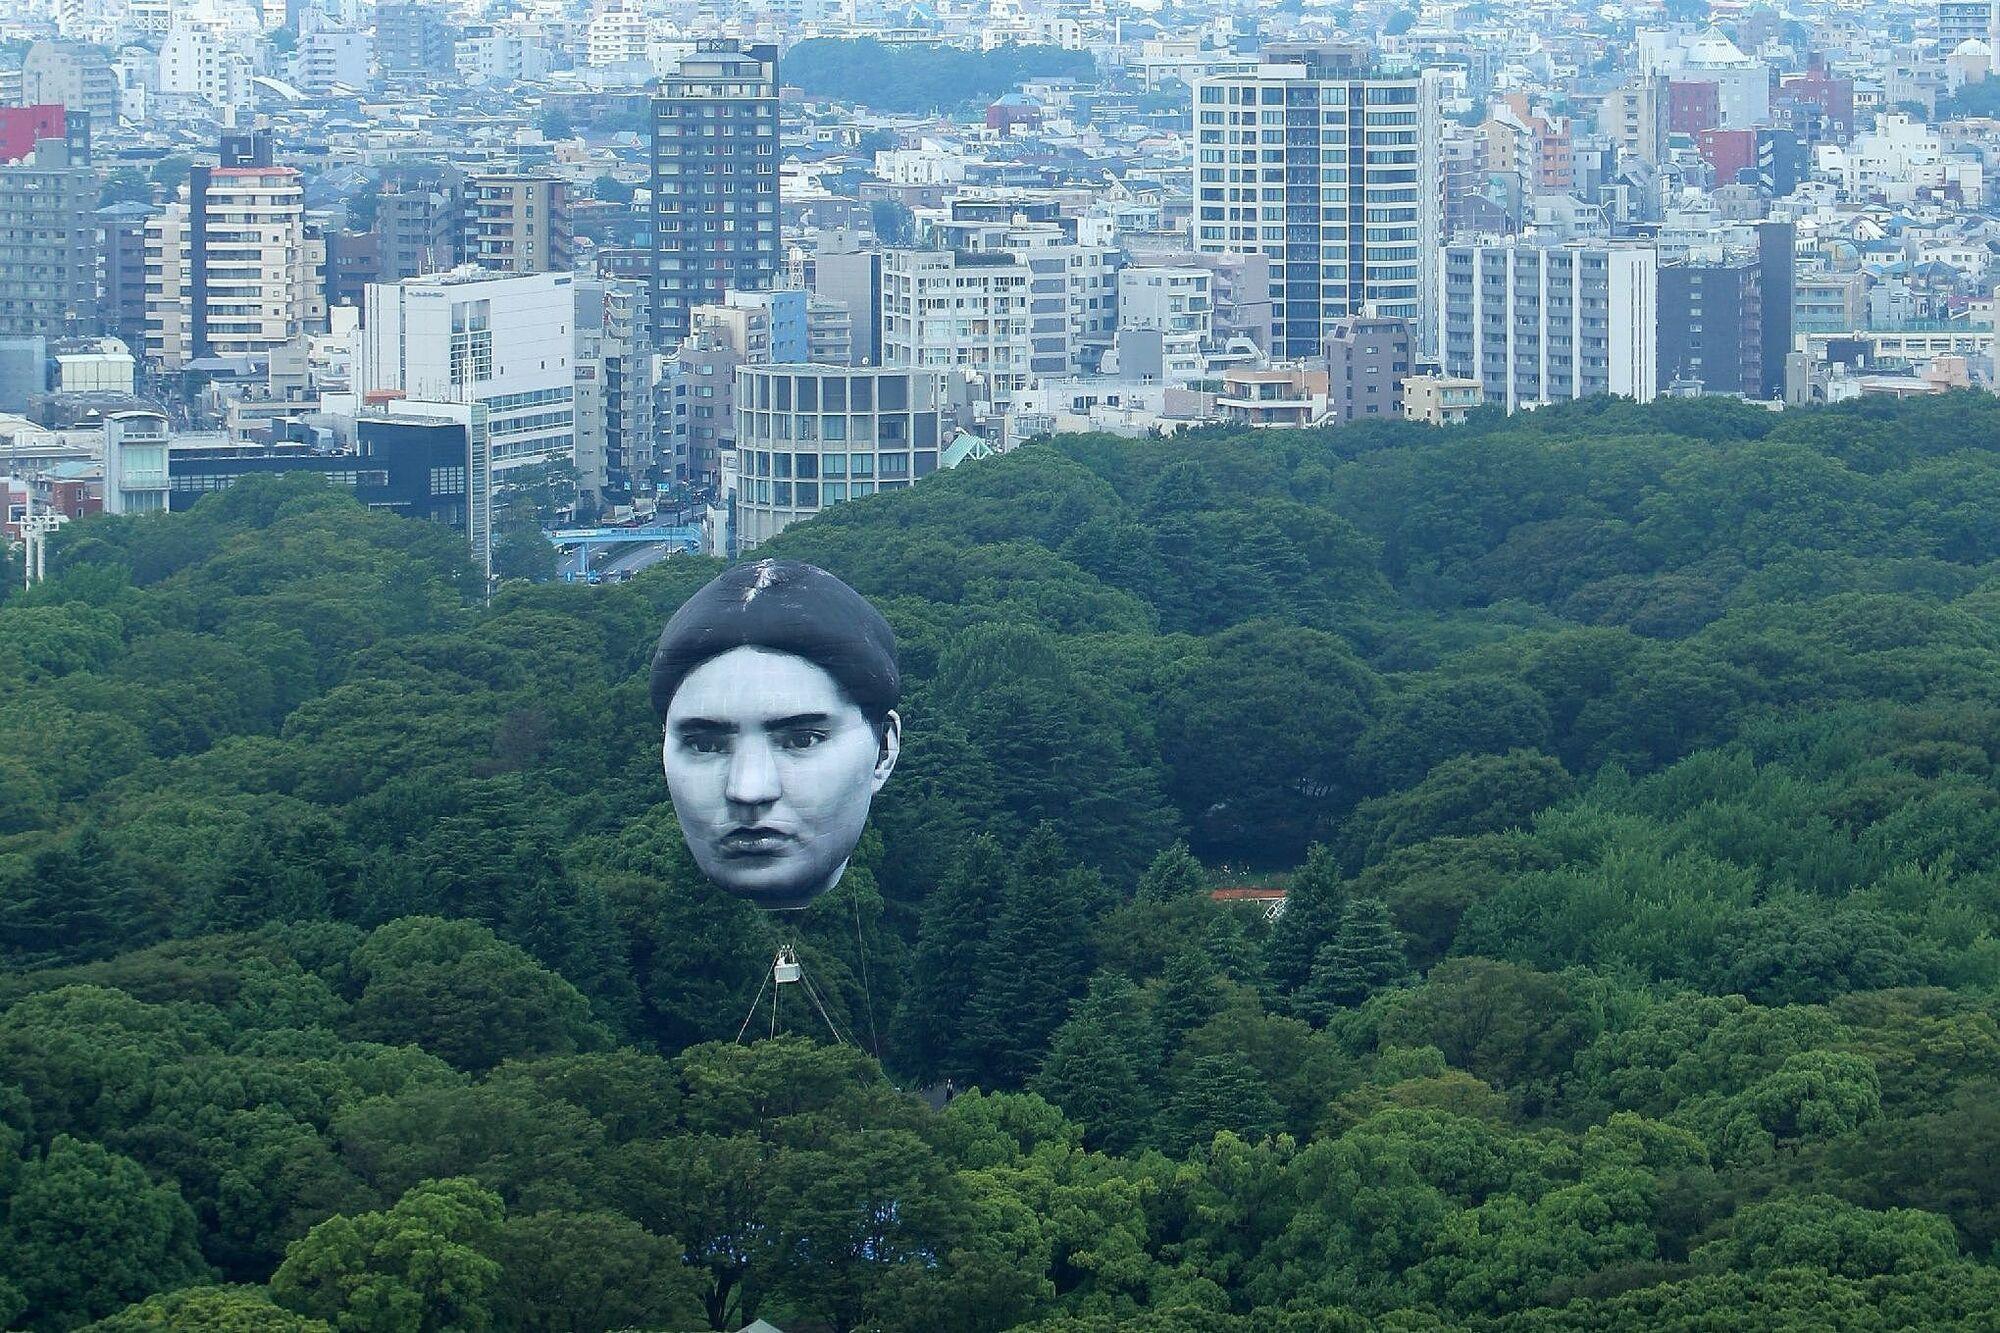 Величезна повітряна куля в Токіо